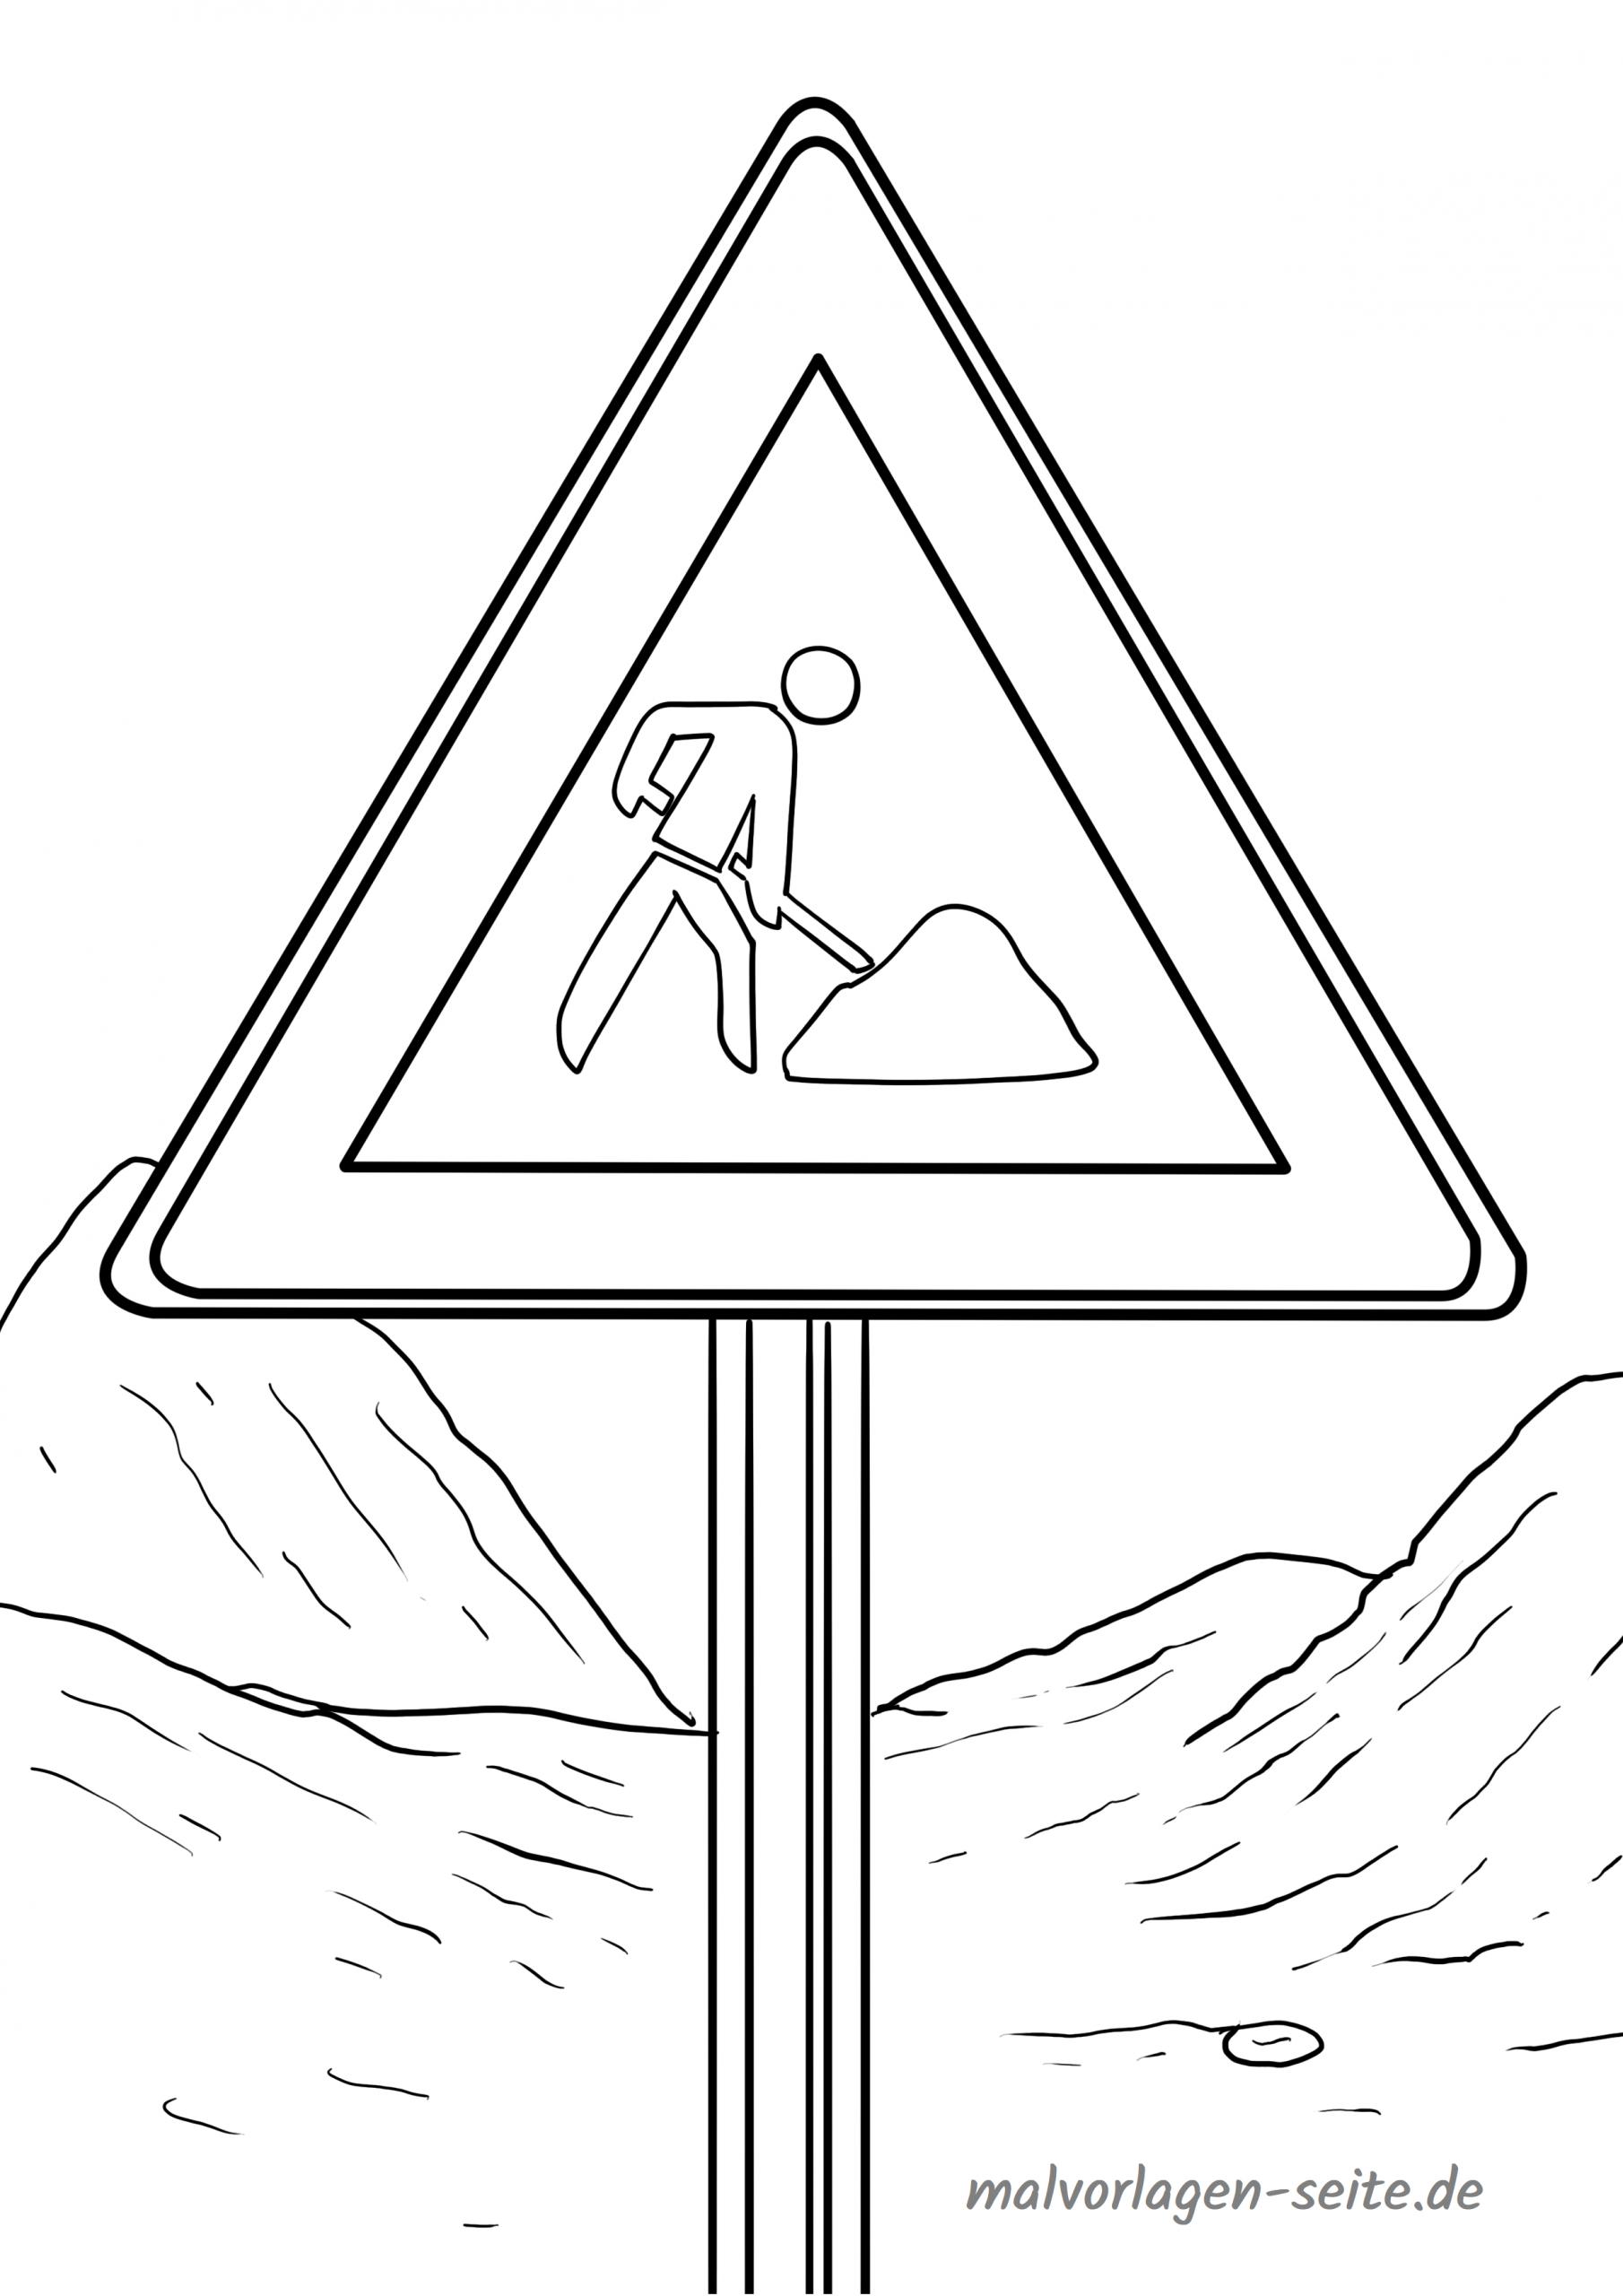 Verkehrszeichen Malvorlage Baustelle - Ausmalbilder bestimmt für Verkehrsschilder Zum Ausmalen